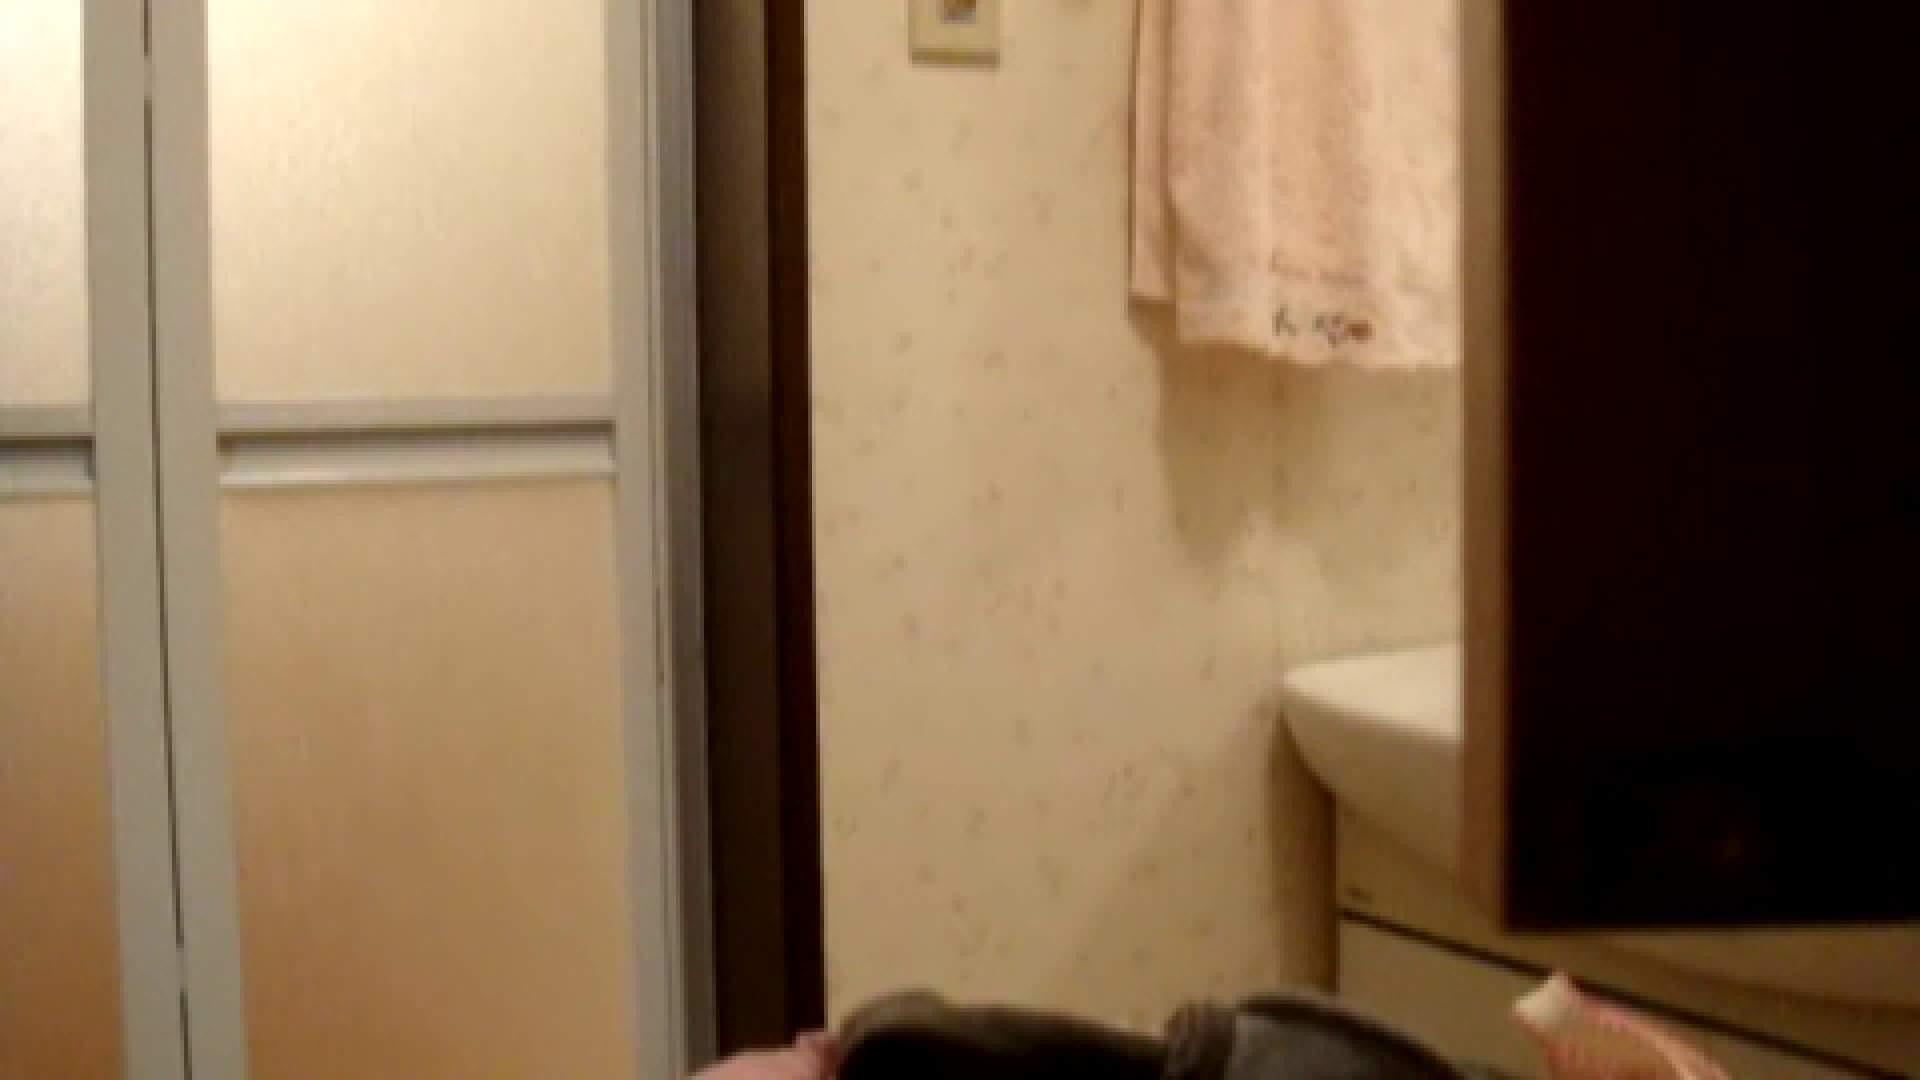 二人とも育てた甲斐がありました… vol.08 まどかの入浴中にカメラに気付いたか!? OLのエロ生活   ギャル入浴  71連発 69